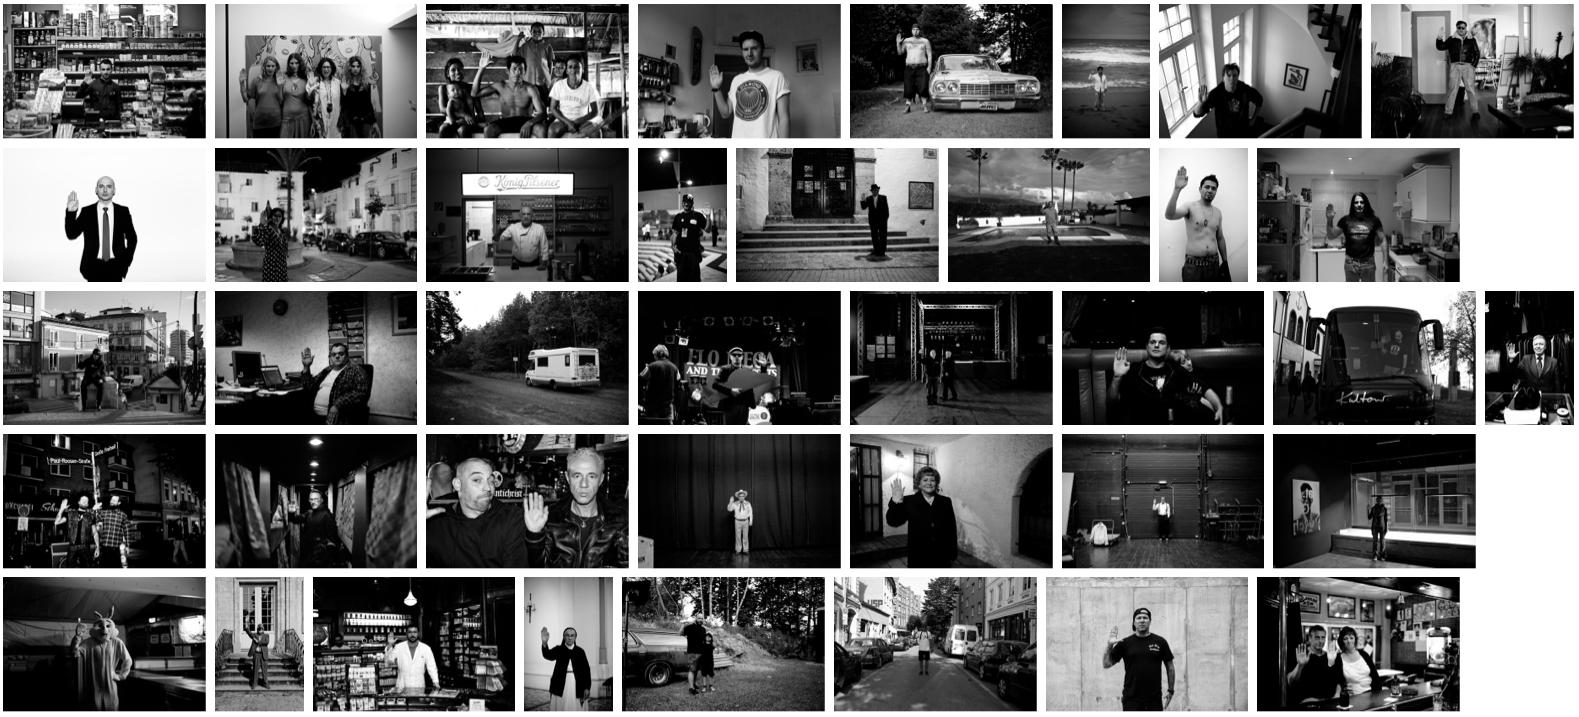 Jo Fischer - Humans Serie - Leica M9